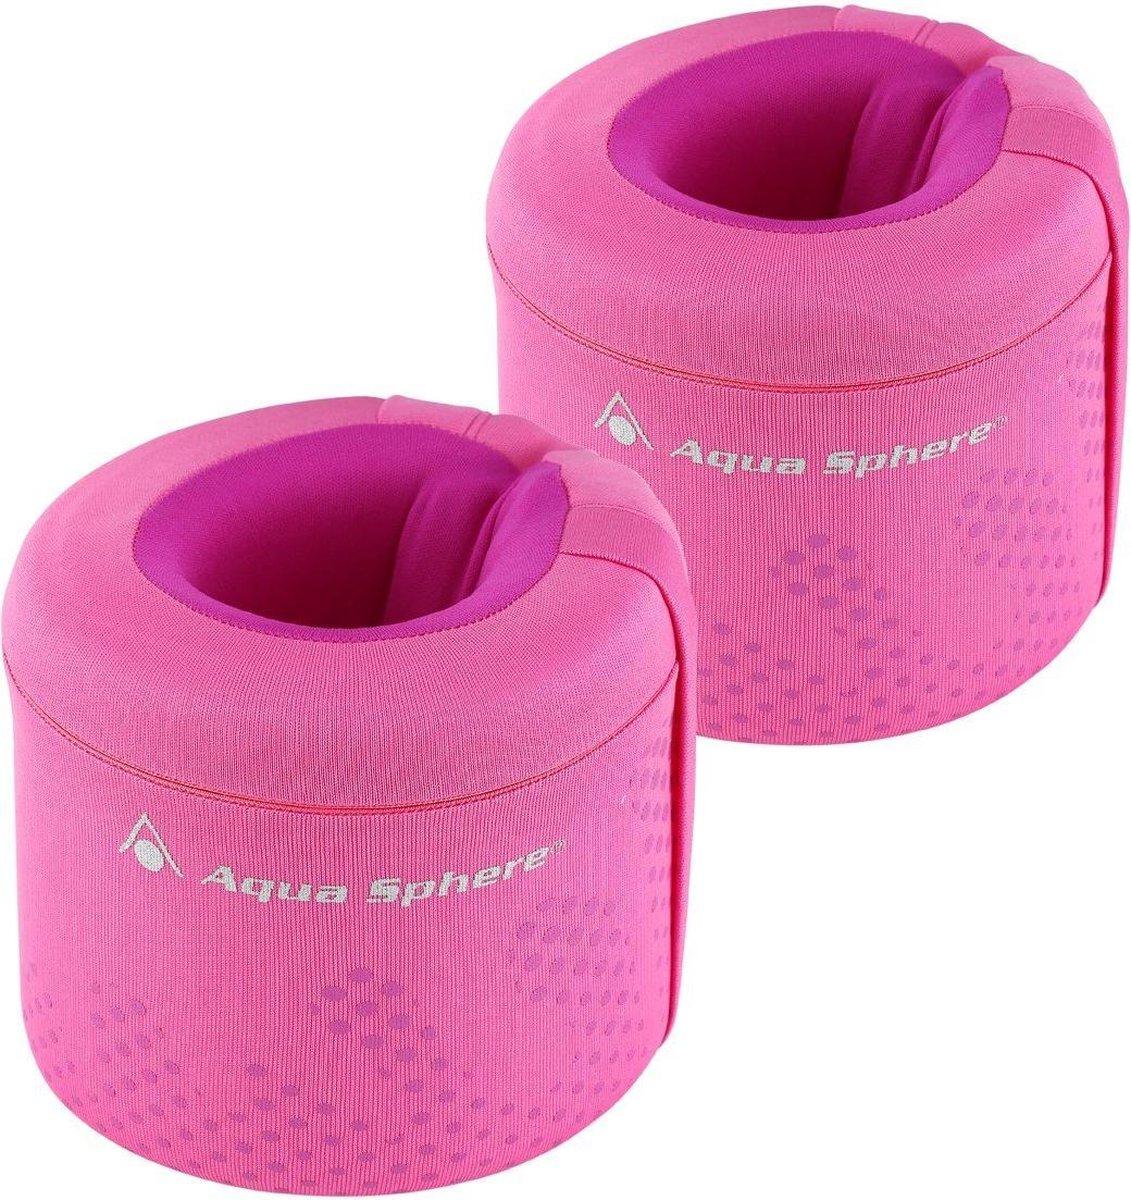 Aqua Sphere Arm Floats - Zwembandjes - Kinderen - Roze/Paars - 2-3Y (15-18kg)